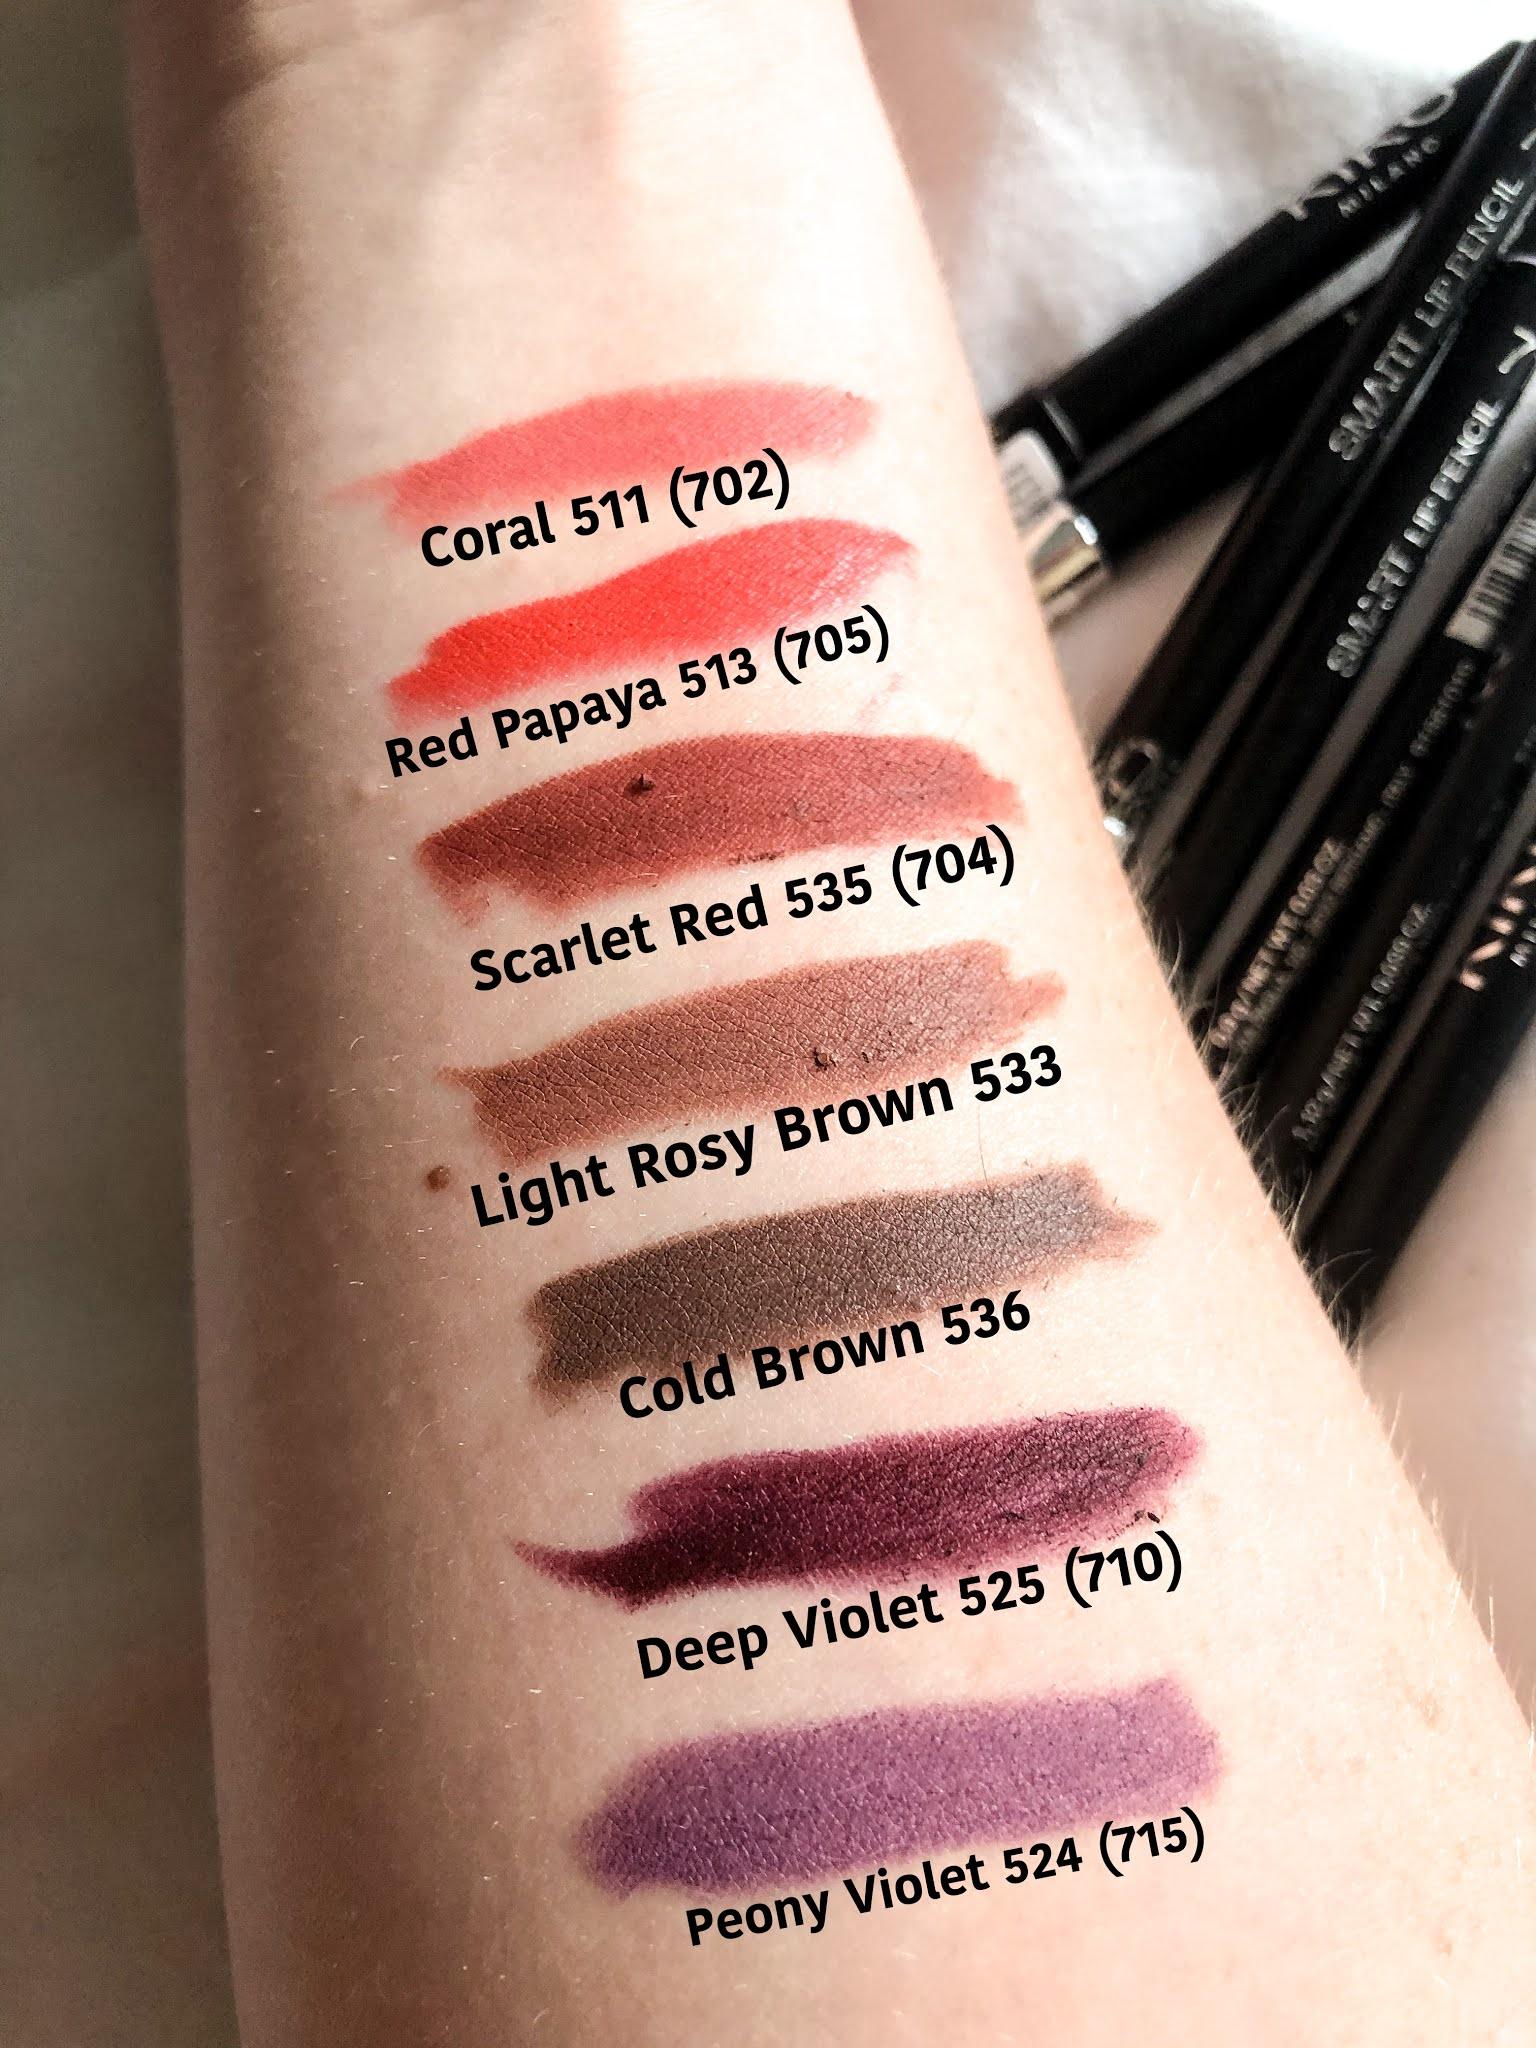 Kiko lip pencil swatches - shades 511, 513, 535, 533, 536, 525 and 524.